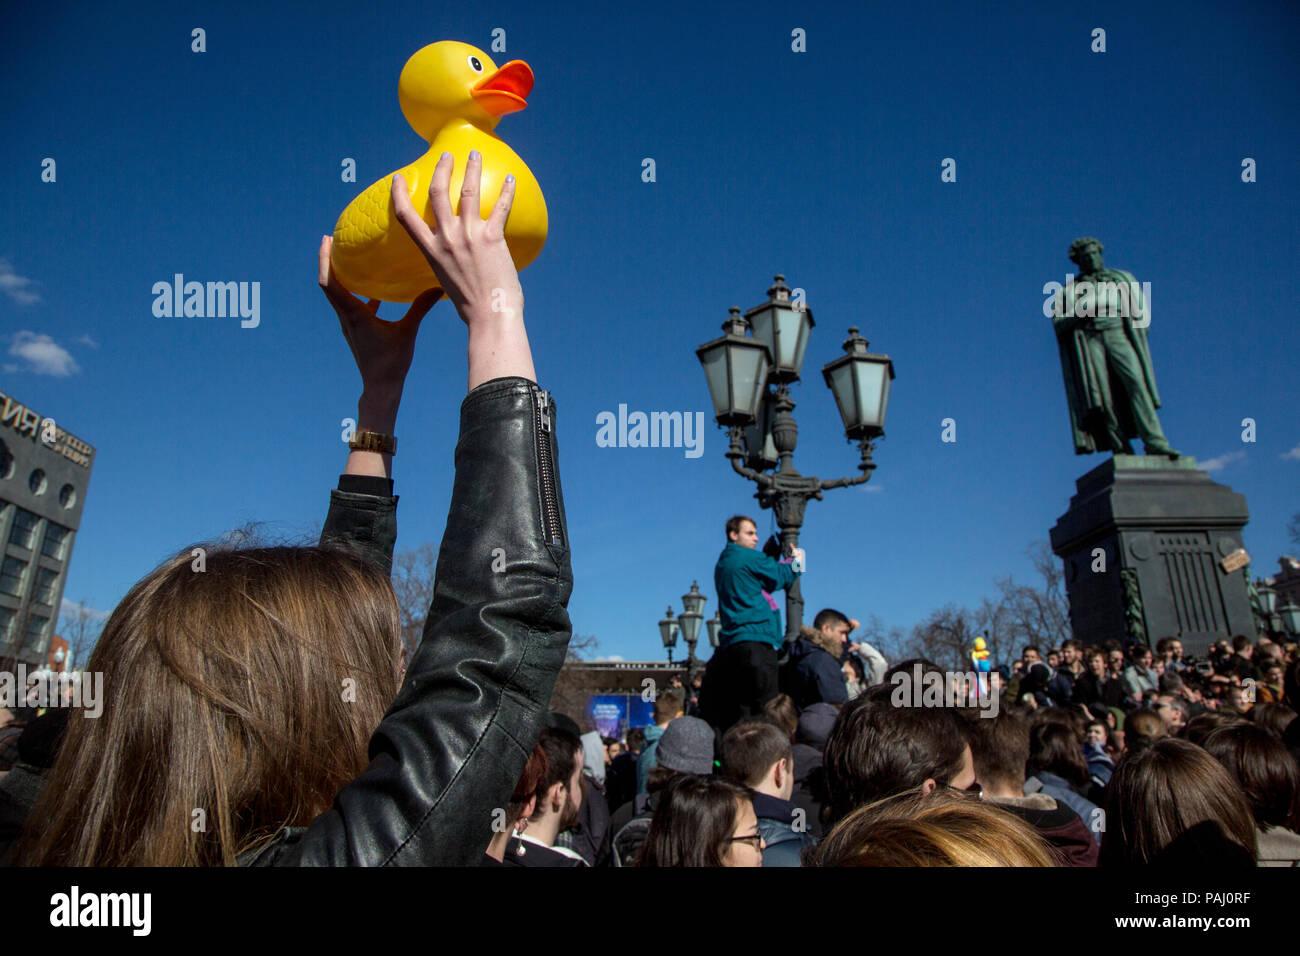 Die Rallye Teilnehmer hält einen Kunststoff Entlein bei einer verbotenen Kundgebung gegen die Korruption in der Regierung am Puschkin-Platz in Moskau, Russland Stockbild